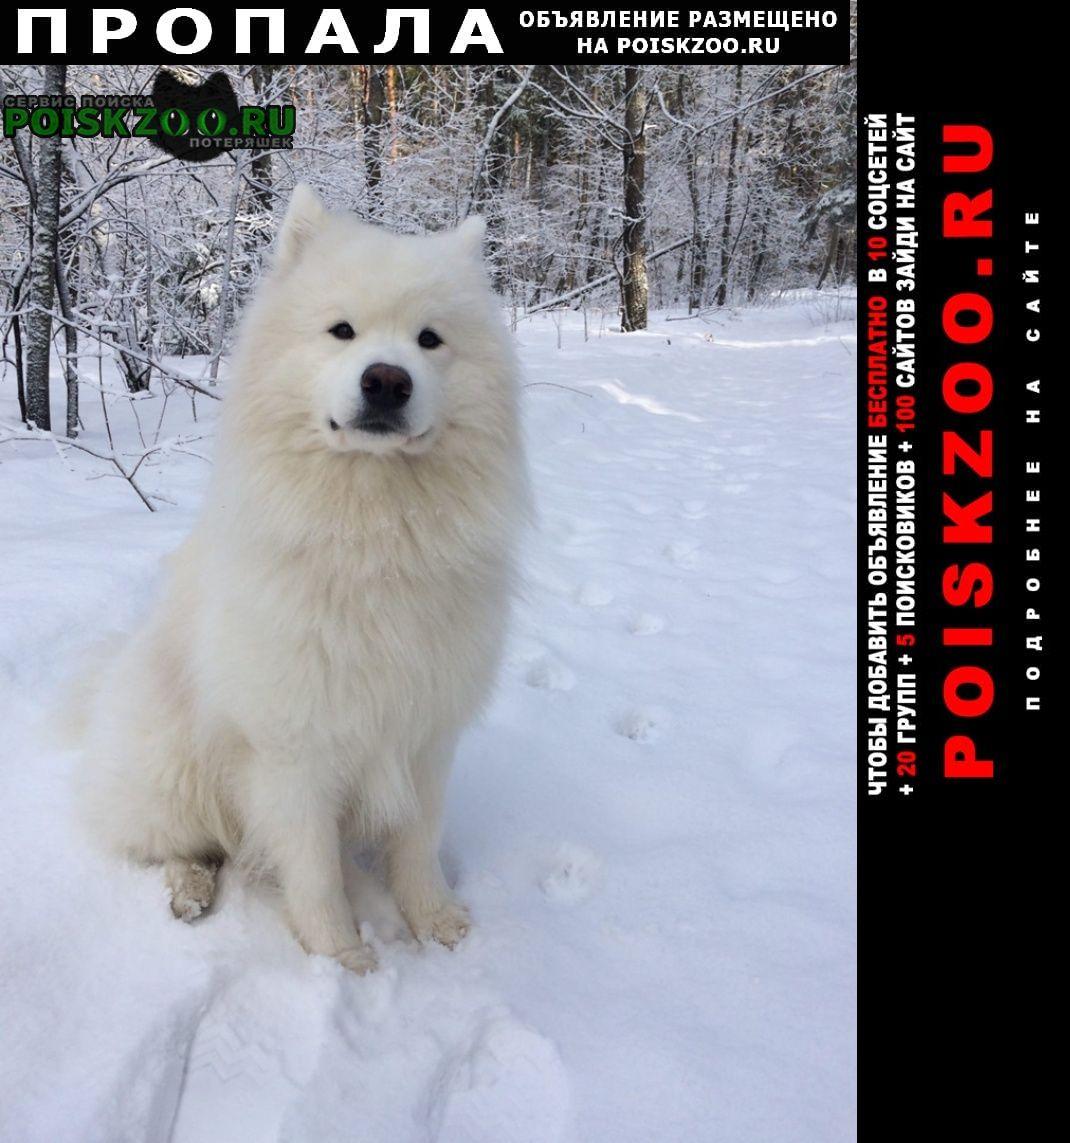 Пропала собака Александров